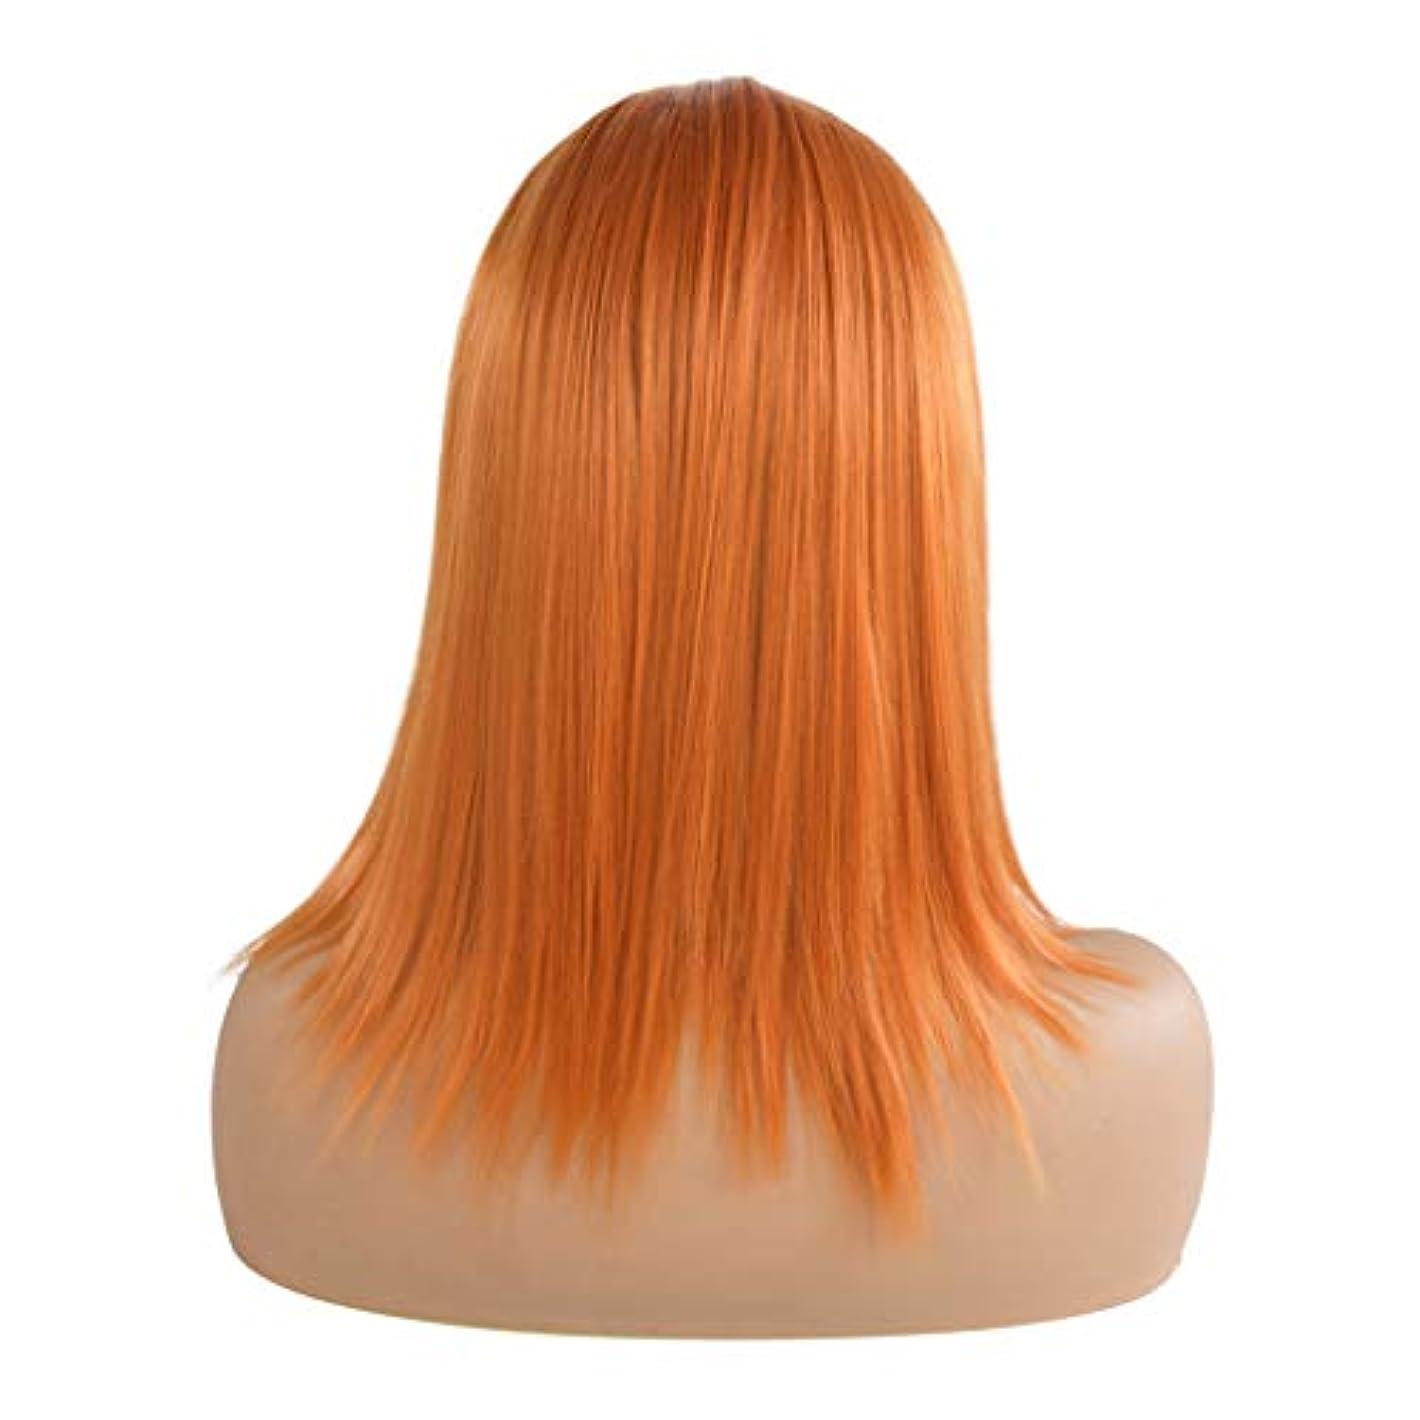 診療所ピクニックきらきらウィッグオレンジショートストレートヘアフロントレースファッションウィッグ18インチ